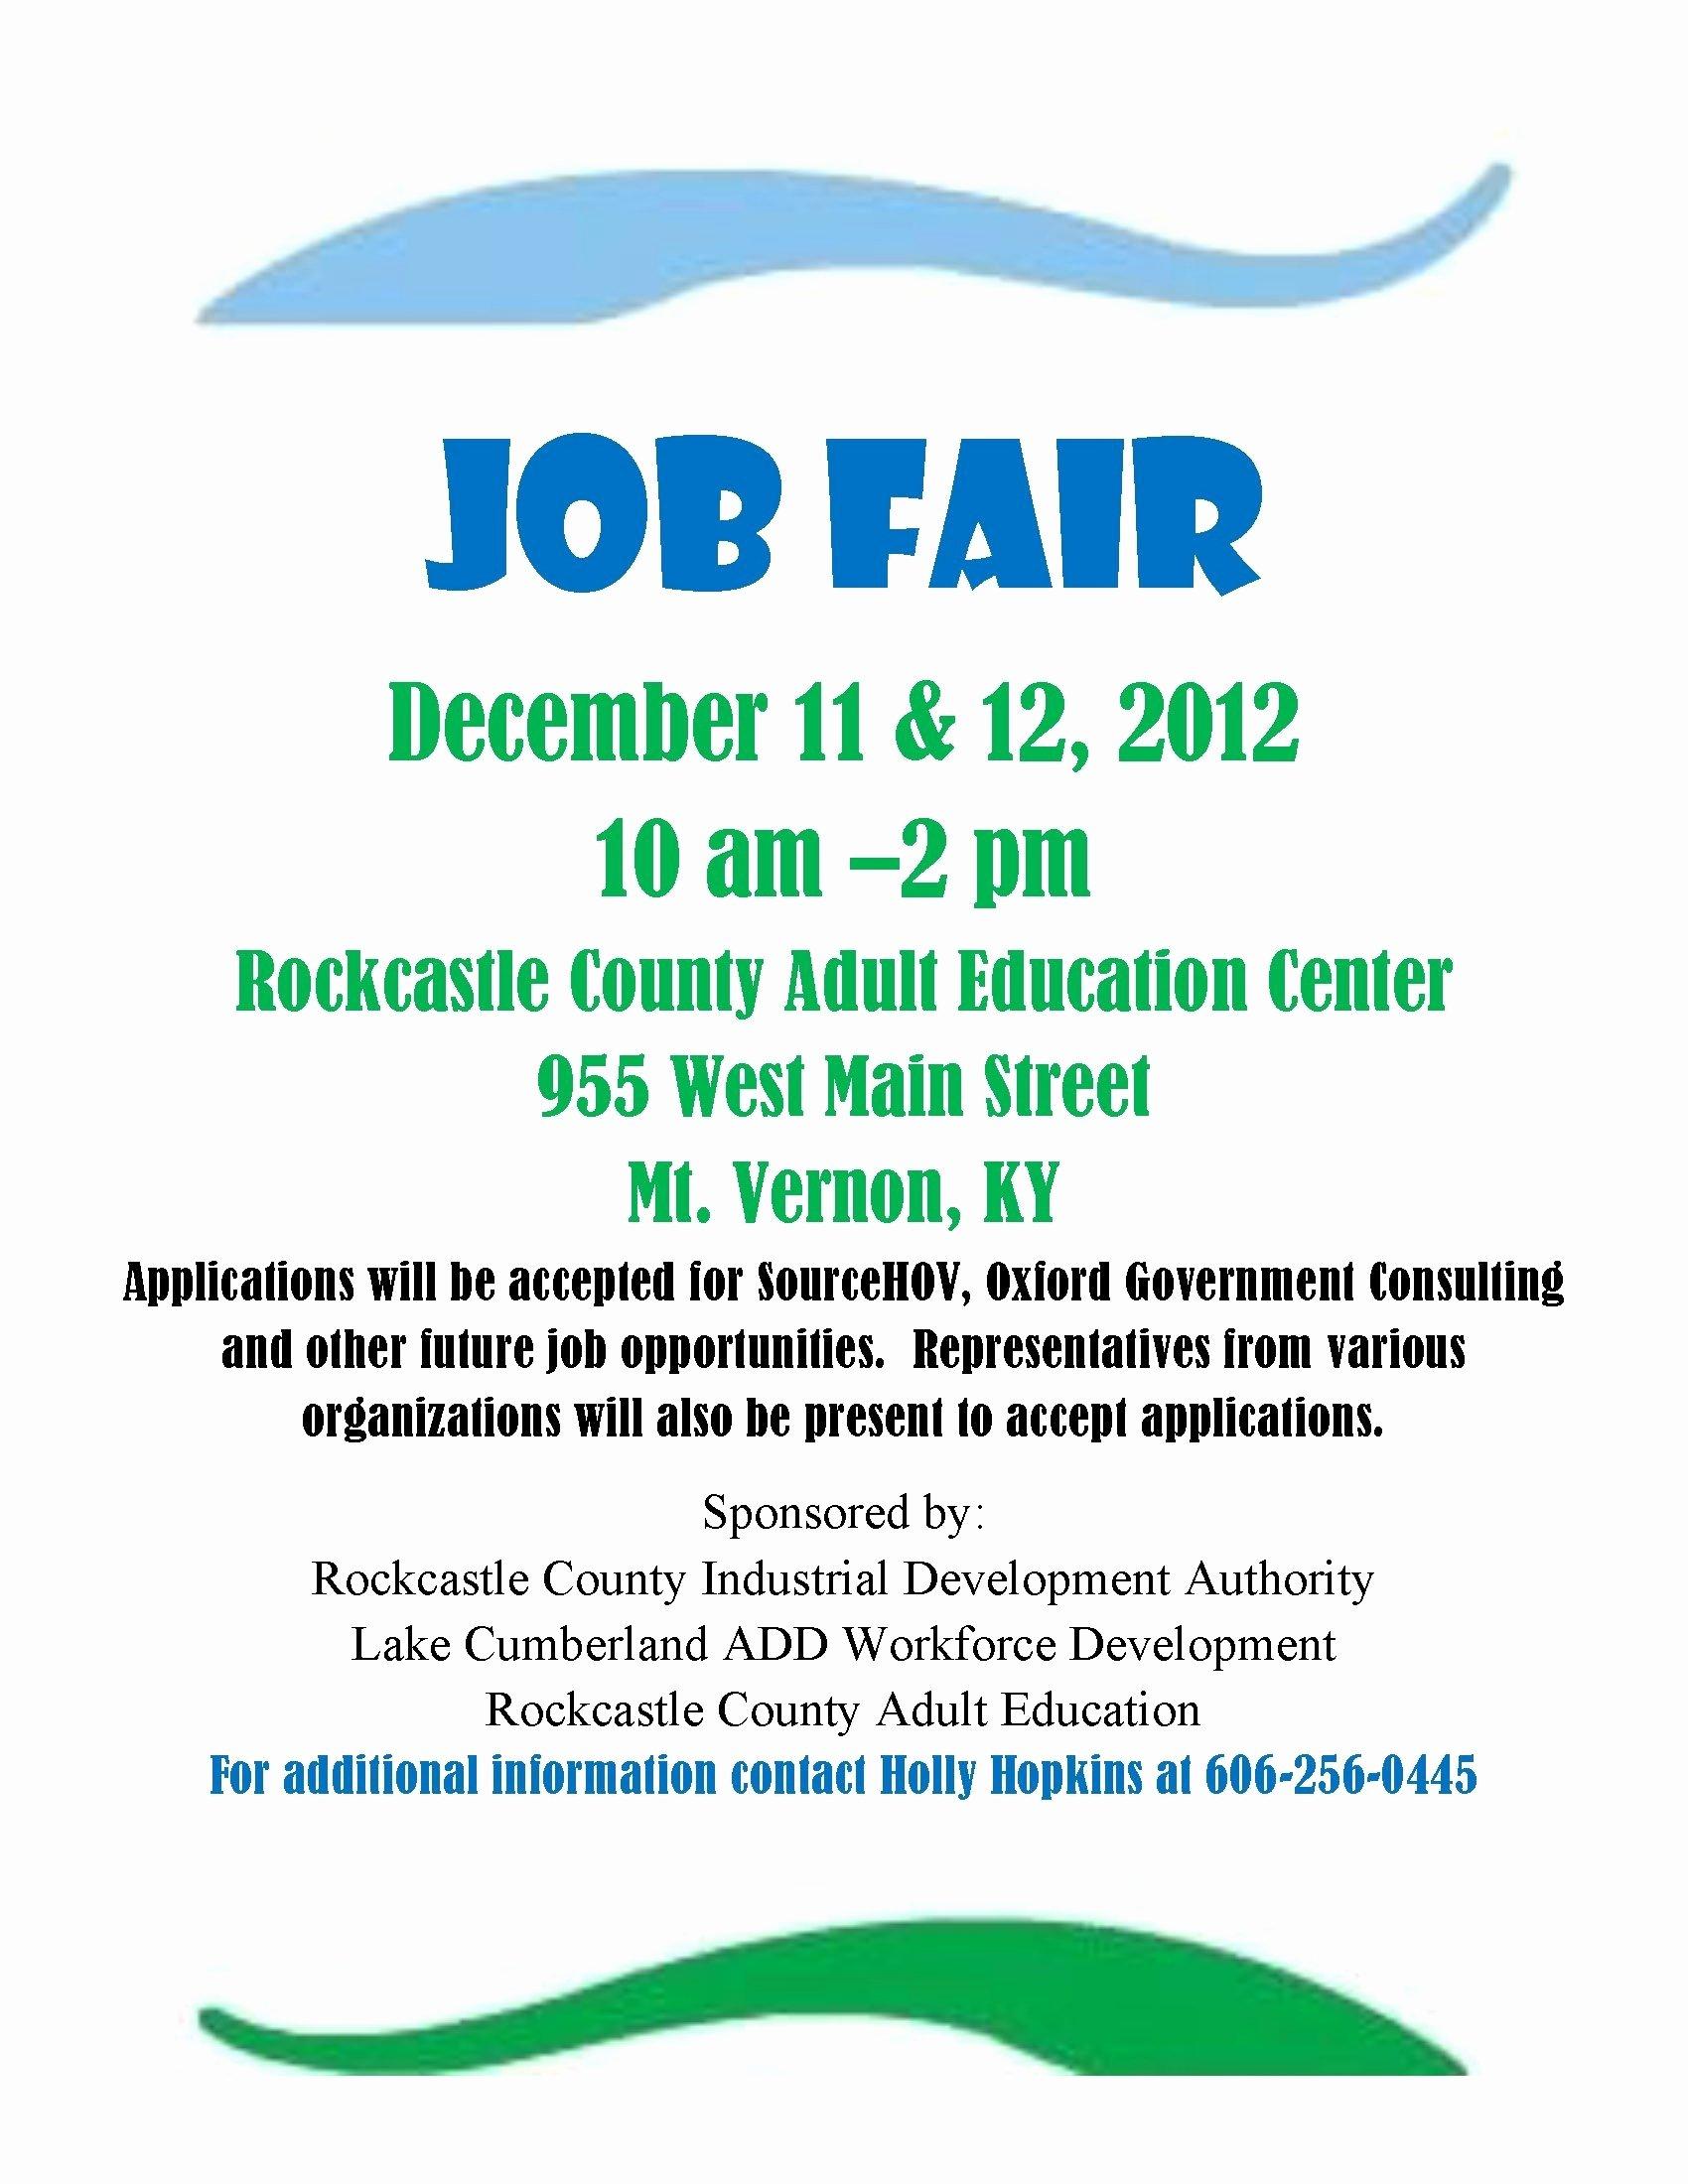 Job Fair Flyer Template New Sample Job Fair Flyers